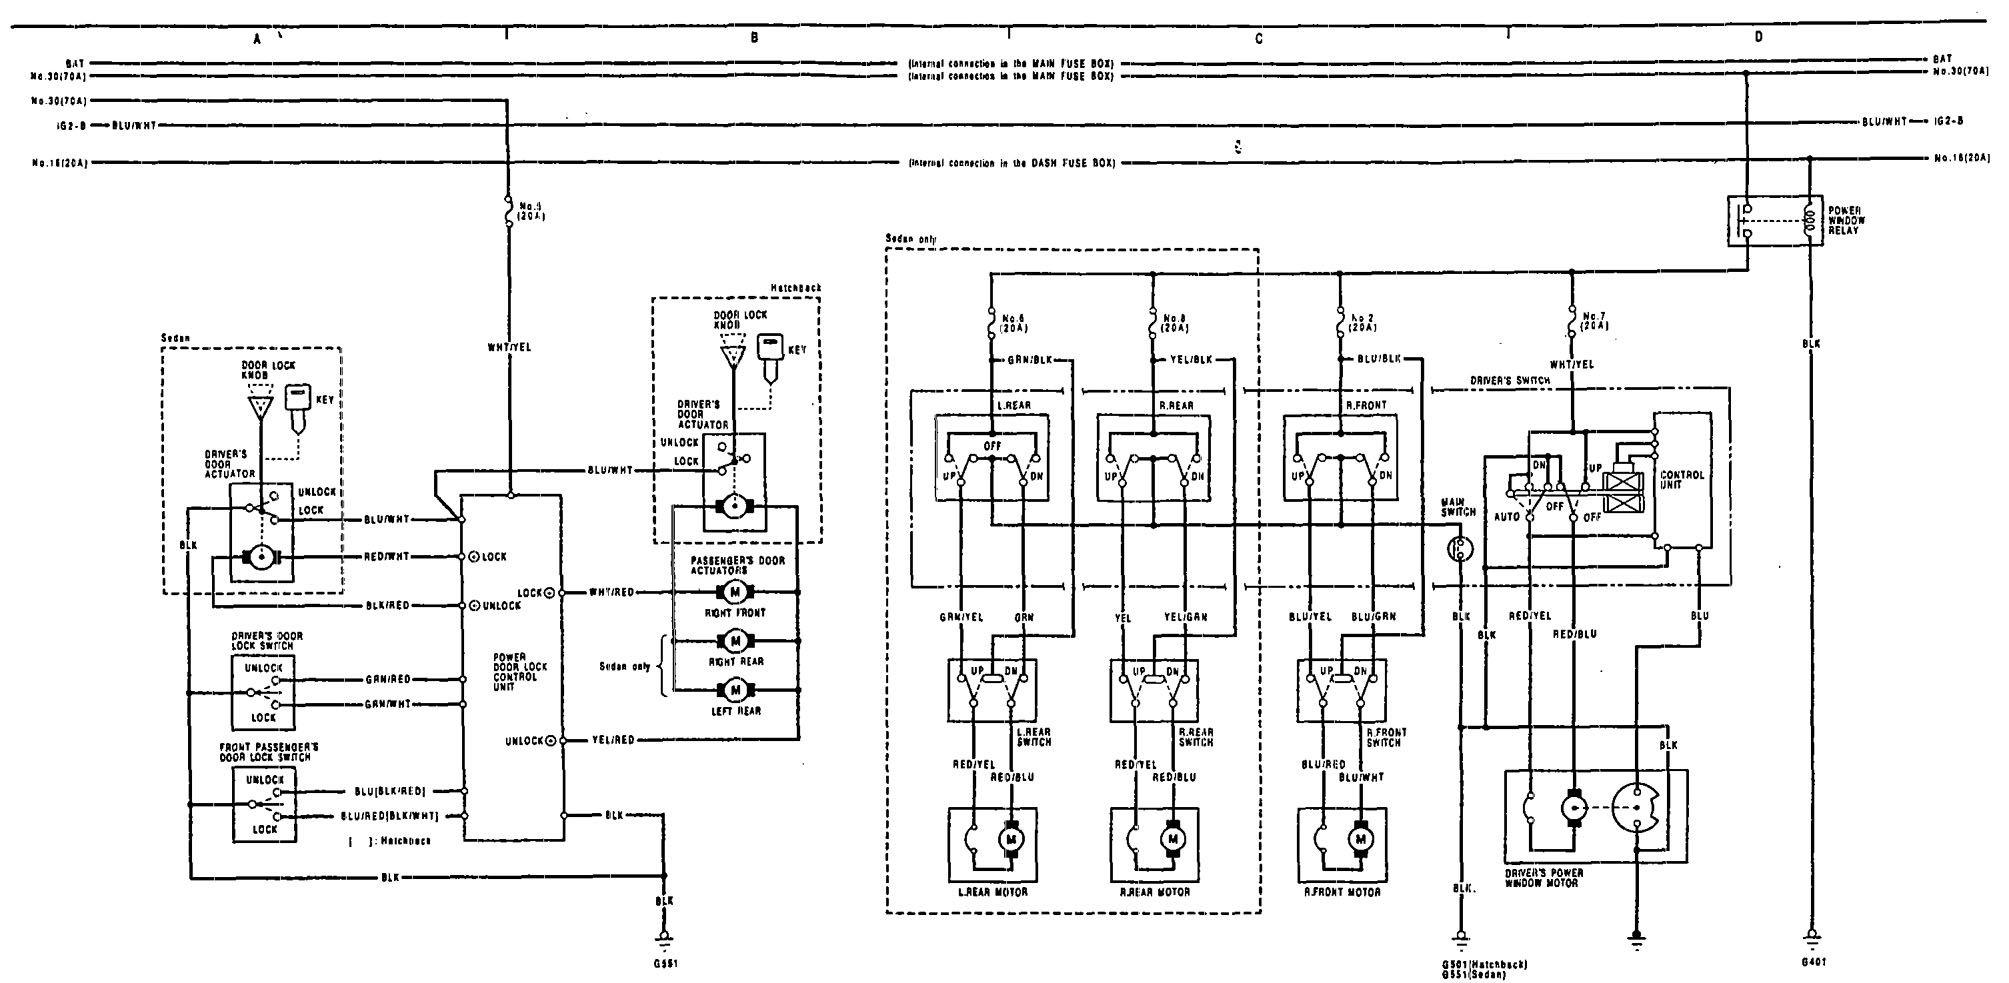 1996 acura integra speaker wiring diagram spaceship cutaway 1991 diagrams power windows